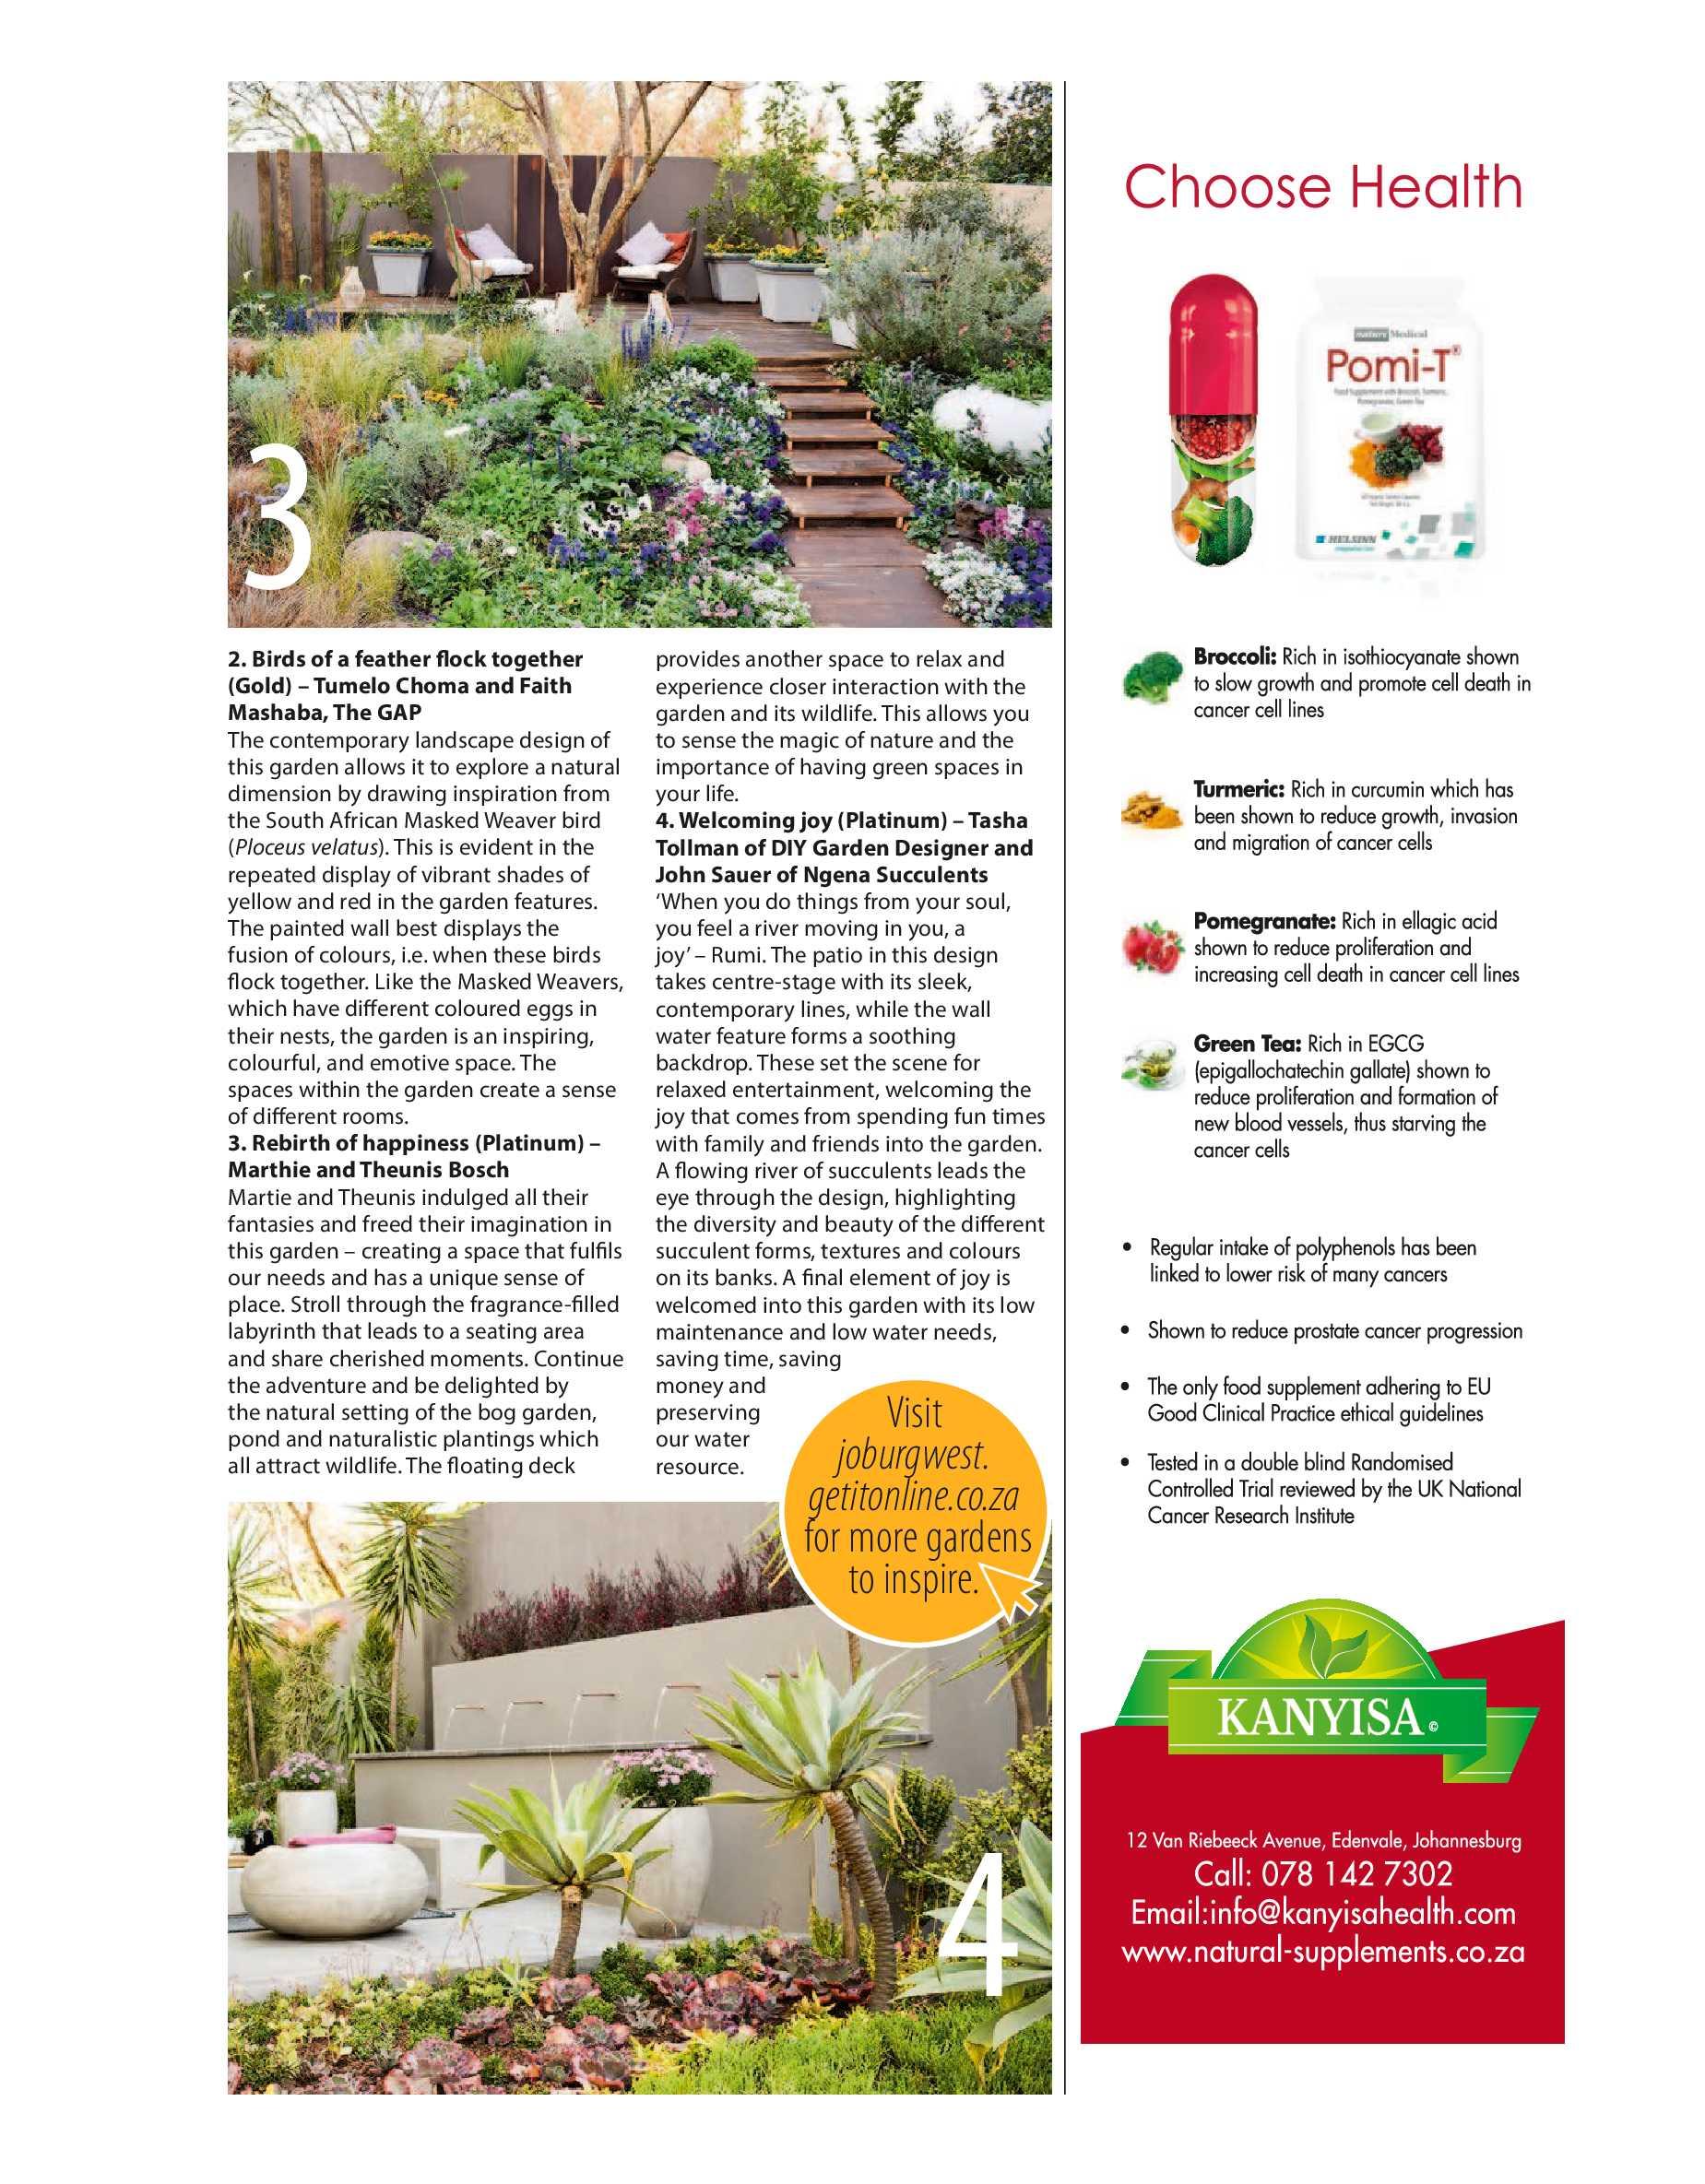 get-joburg-west-september-2018-epapers-page-25